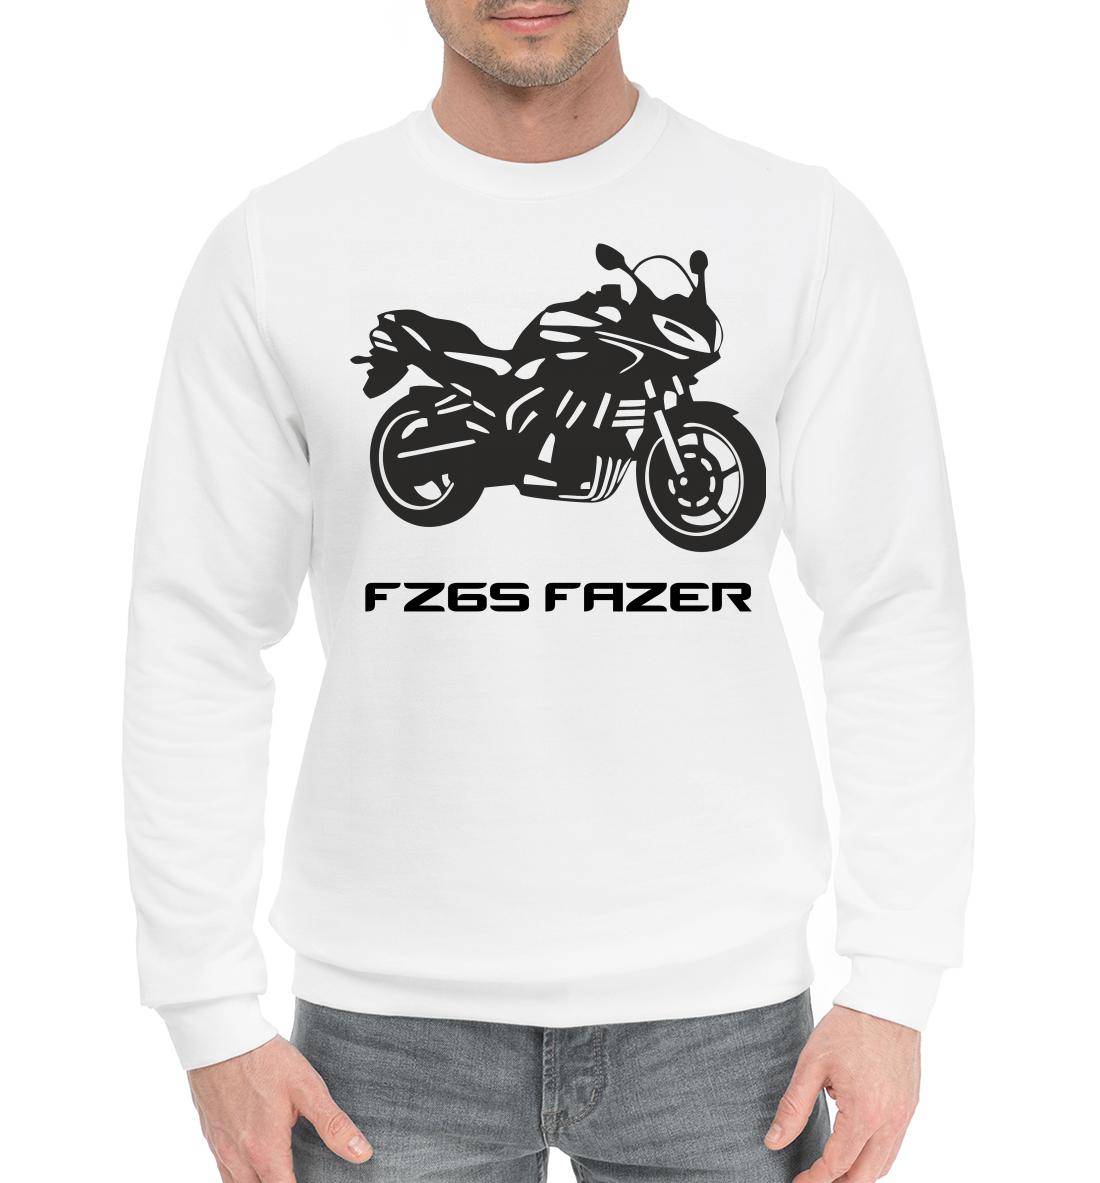 FZ6S FAZER